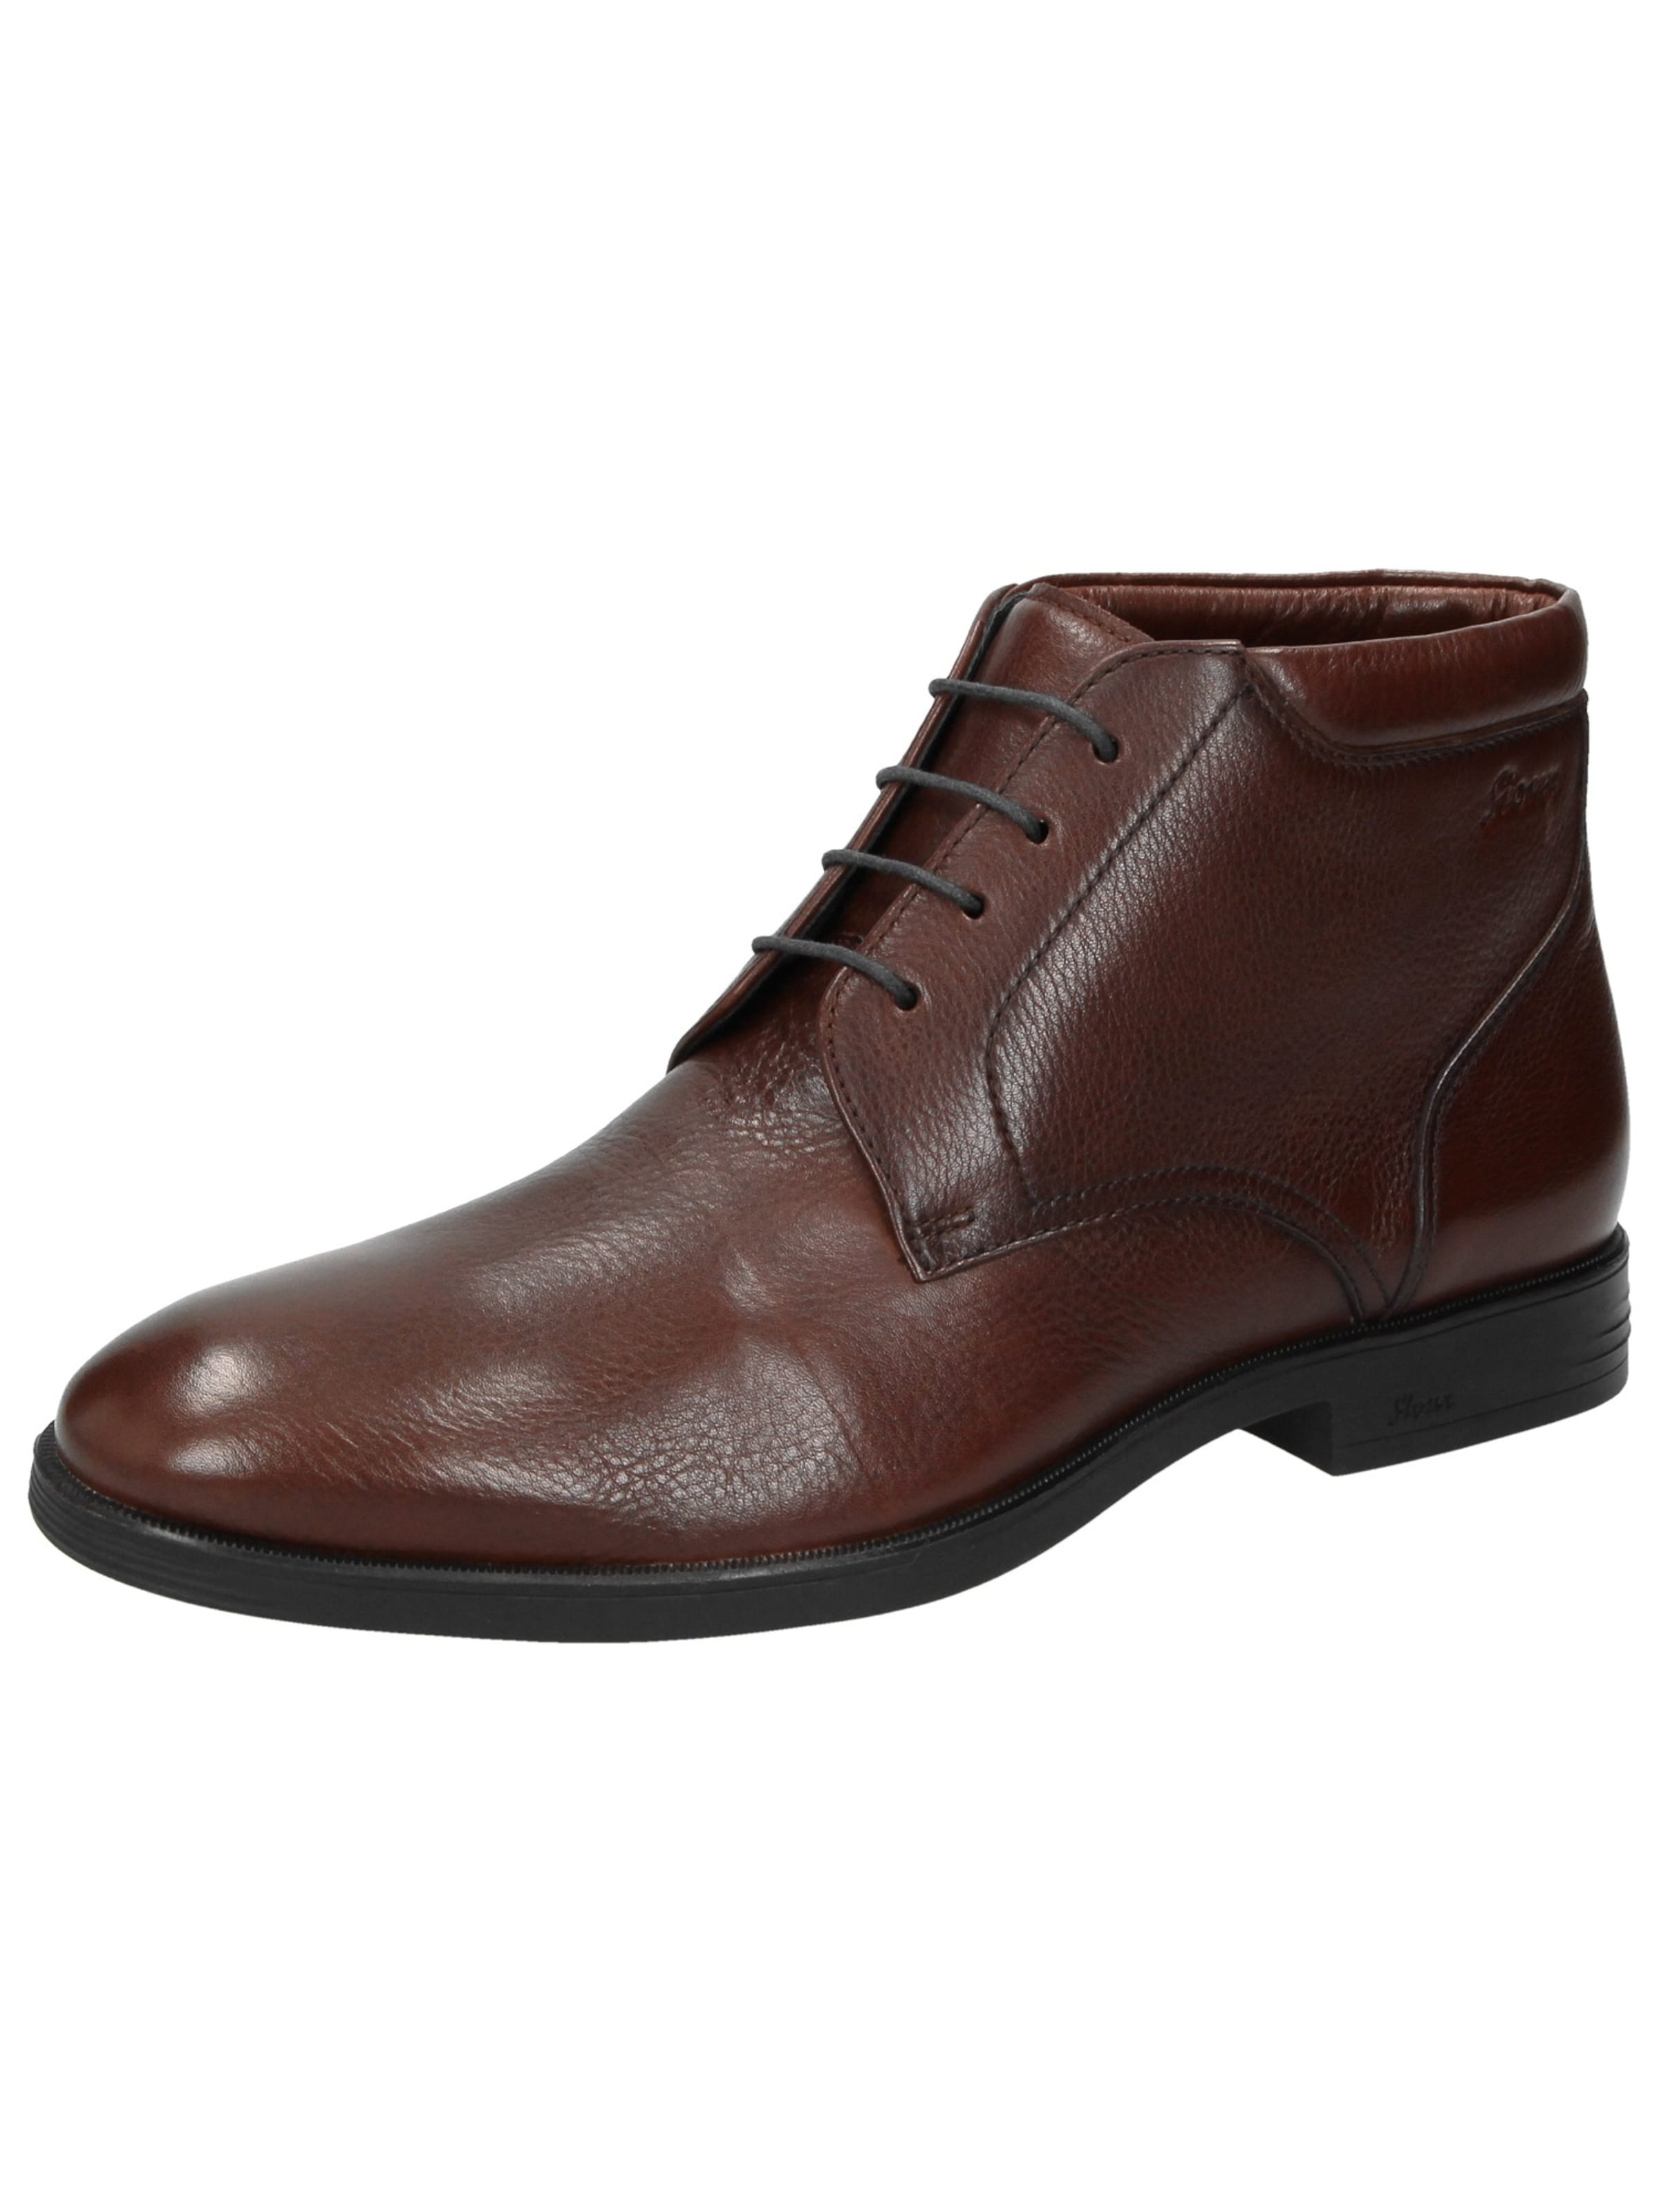 Haltbare Mode billige Schuhe SIOUX | Stiefelette 'Formias-XL' Schuhe Gut getragene Schuhe